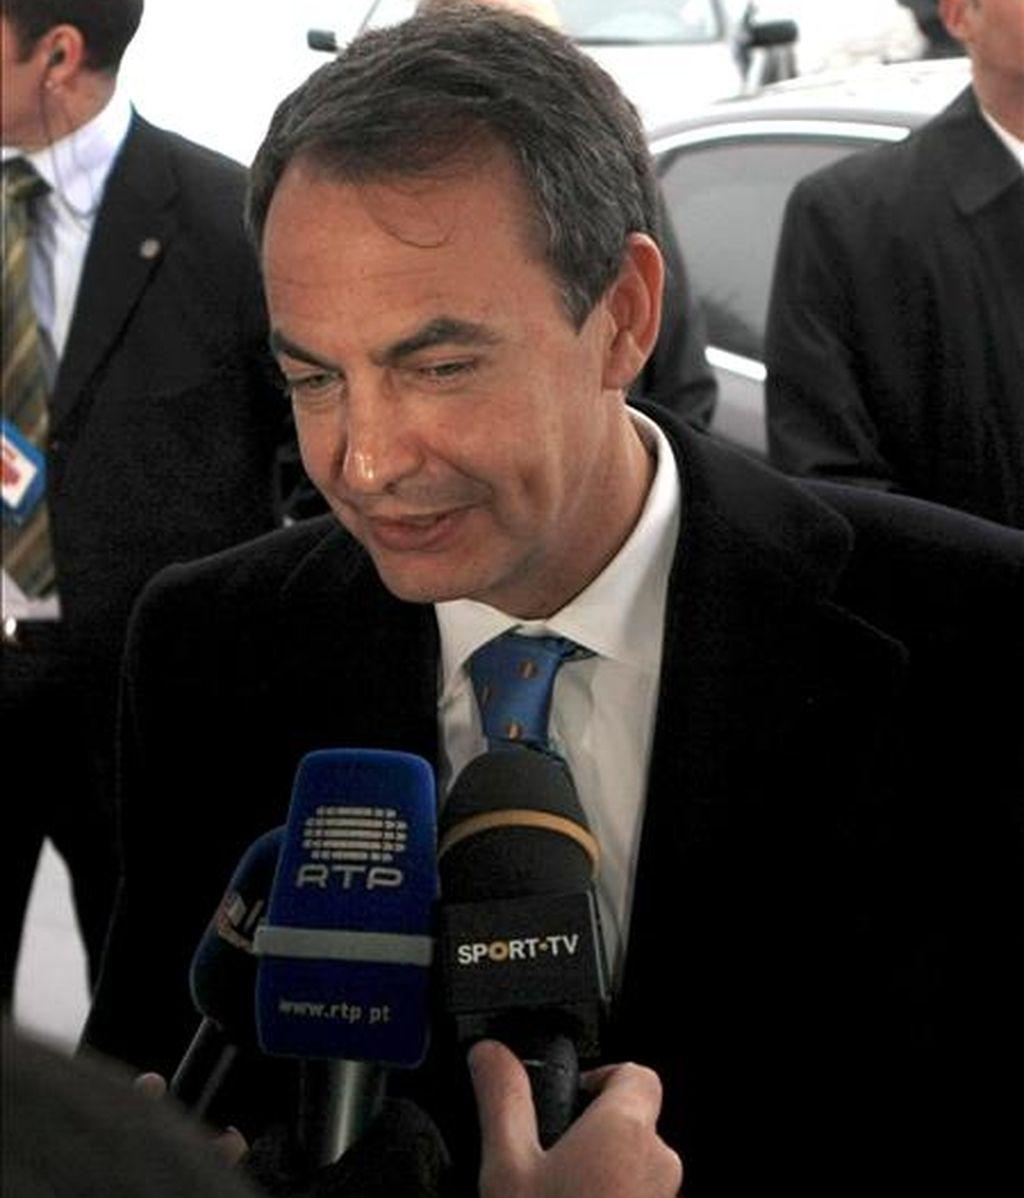 El presidente del gobierno español, José Luis Rodríguez Zapatero, se dirige a los medios de comunicación. EFE